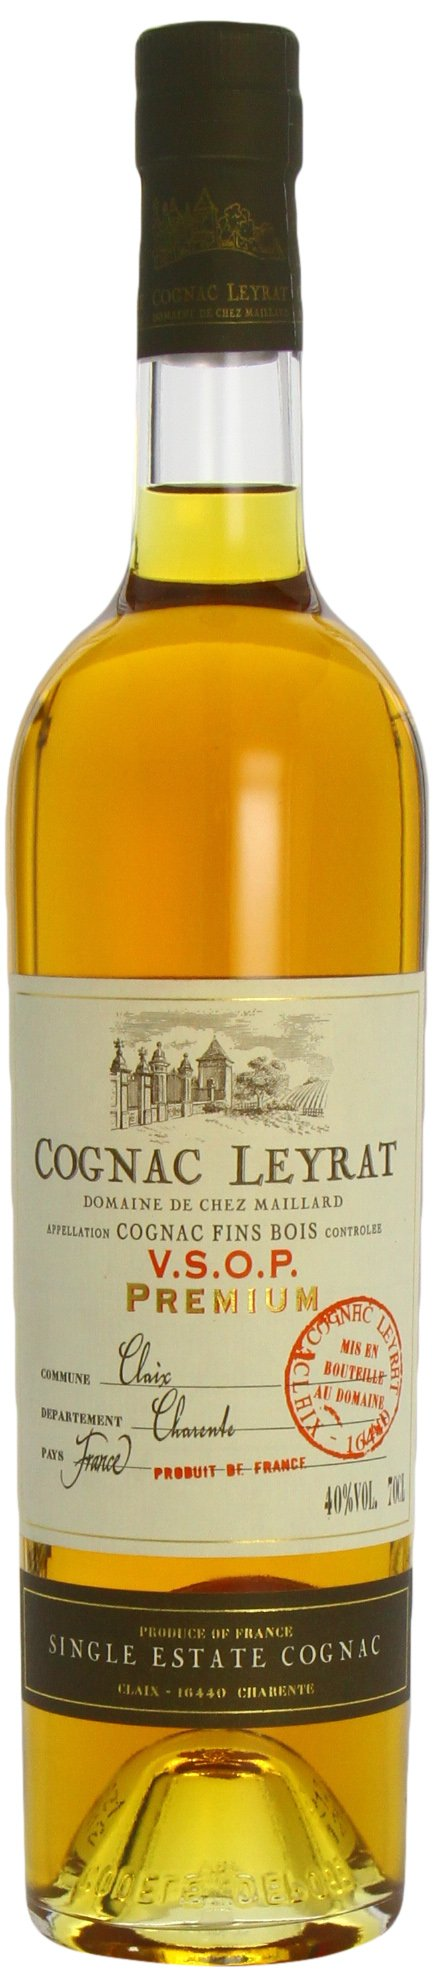 Cognac-Leyrat-VSOP-1er-Pack-1-x-700-ml